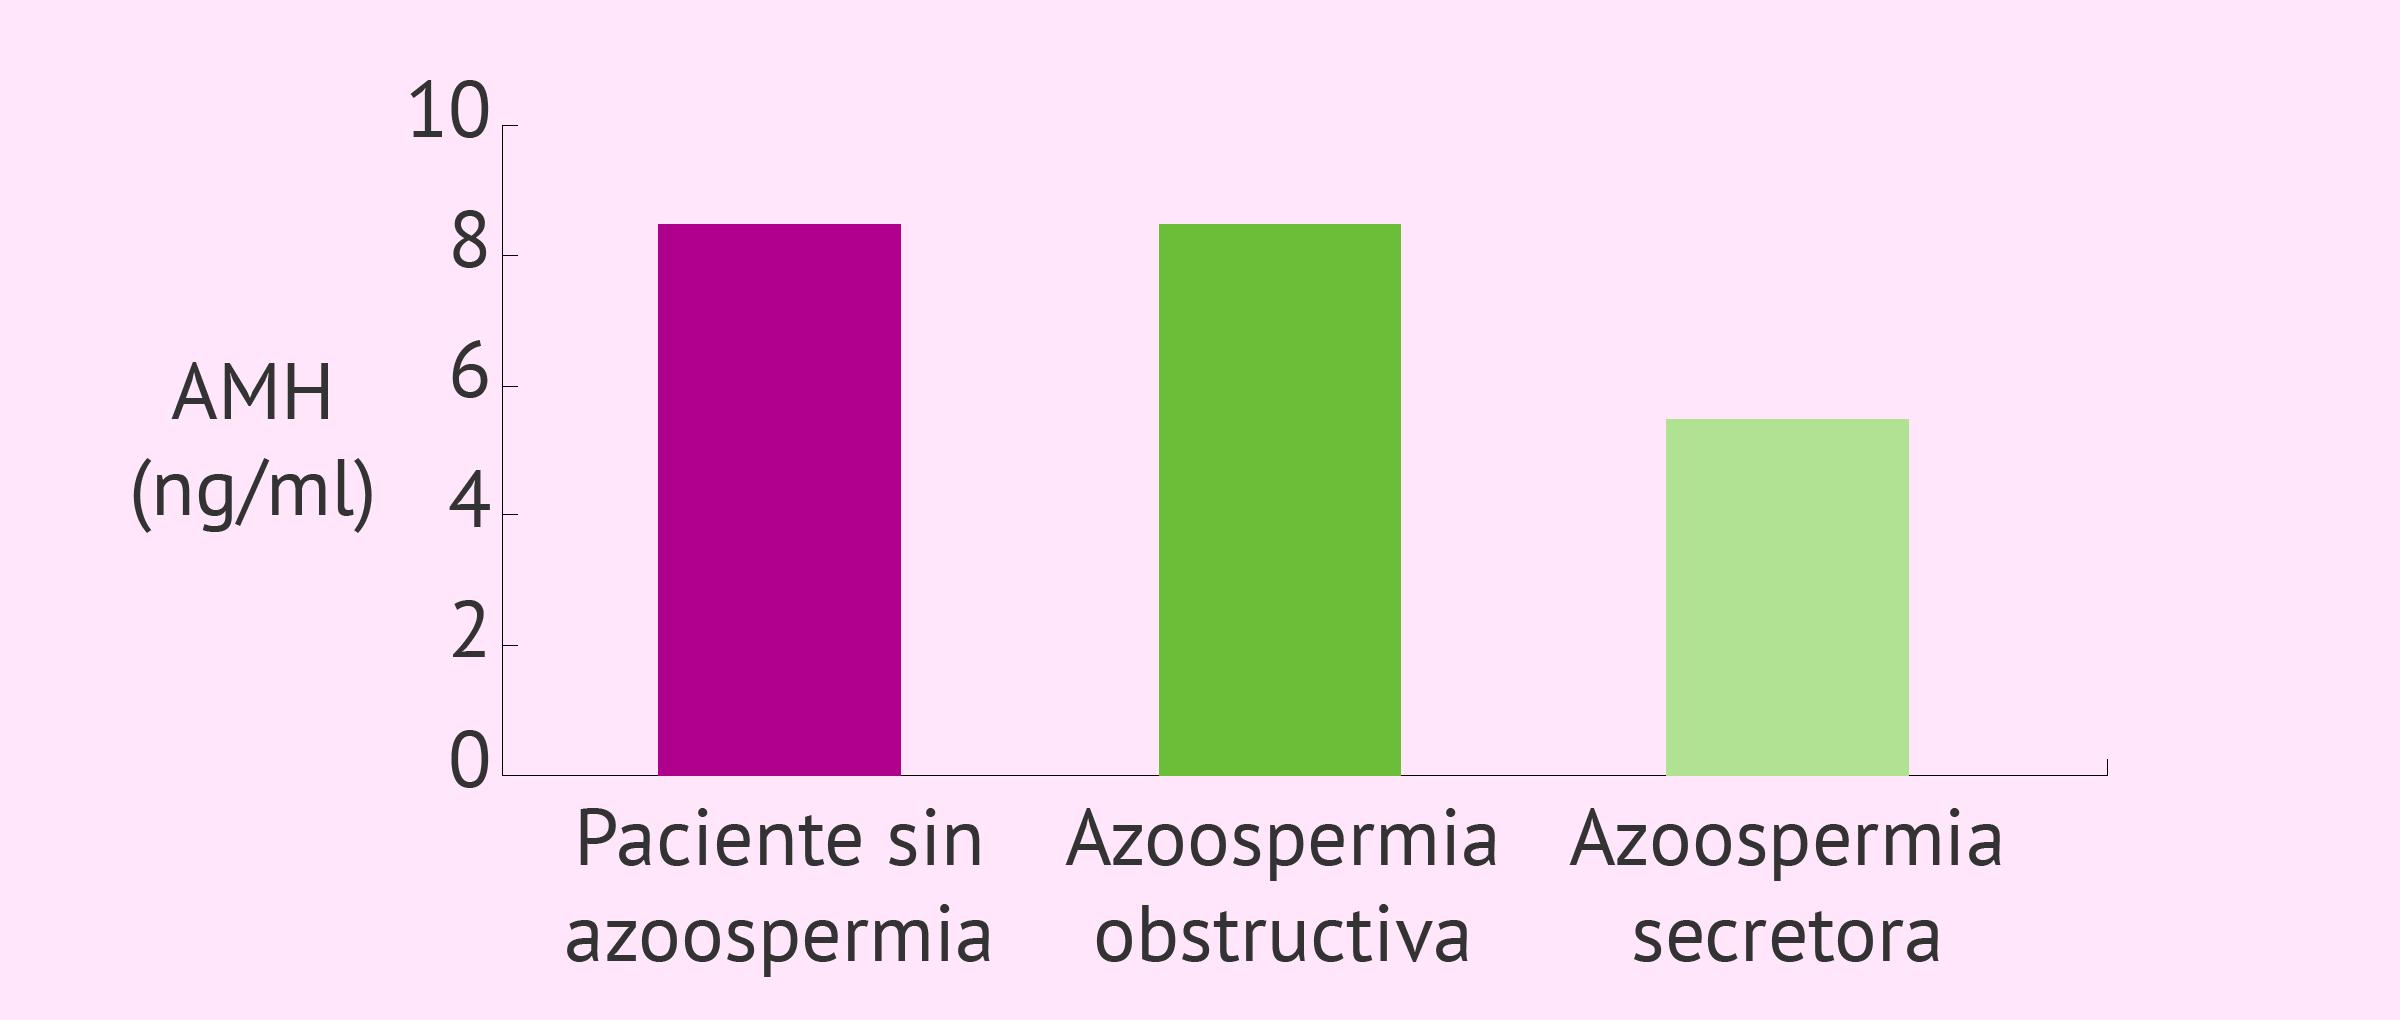 AMH y producción espermática